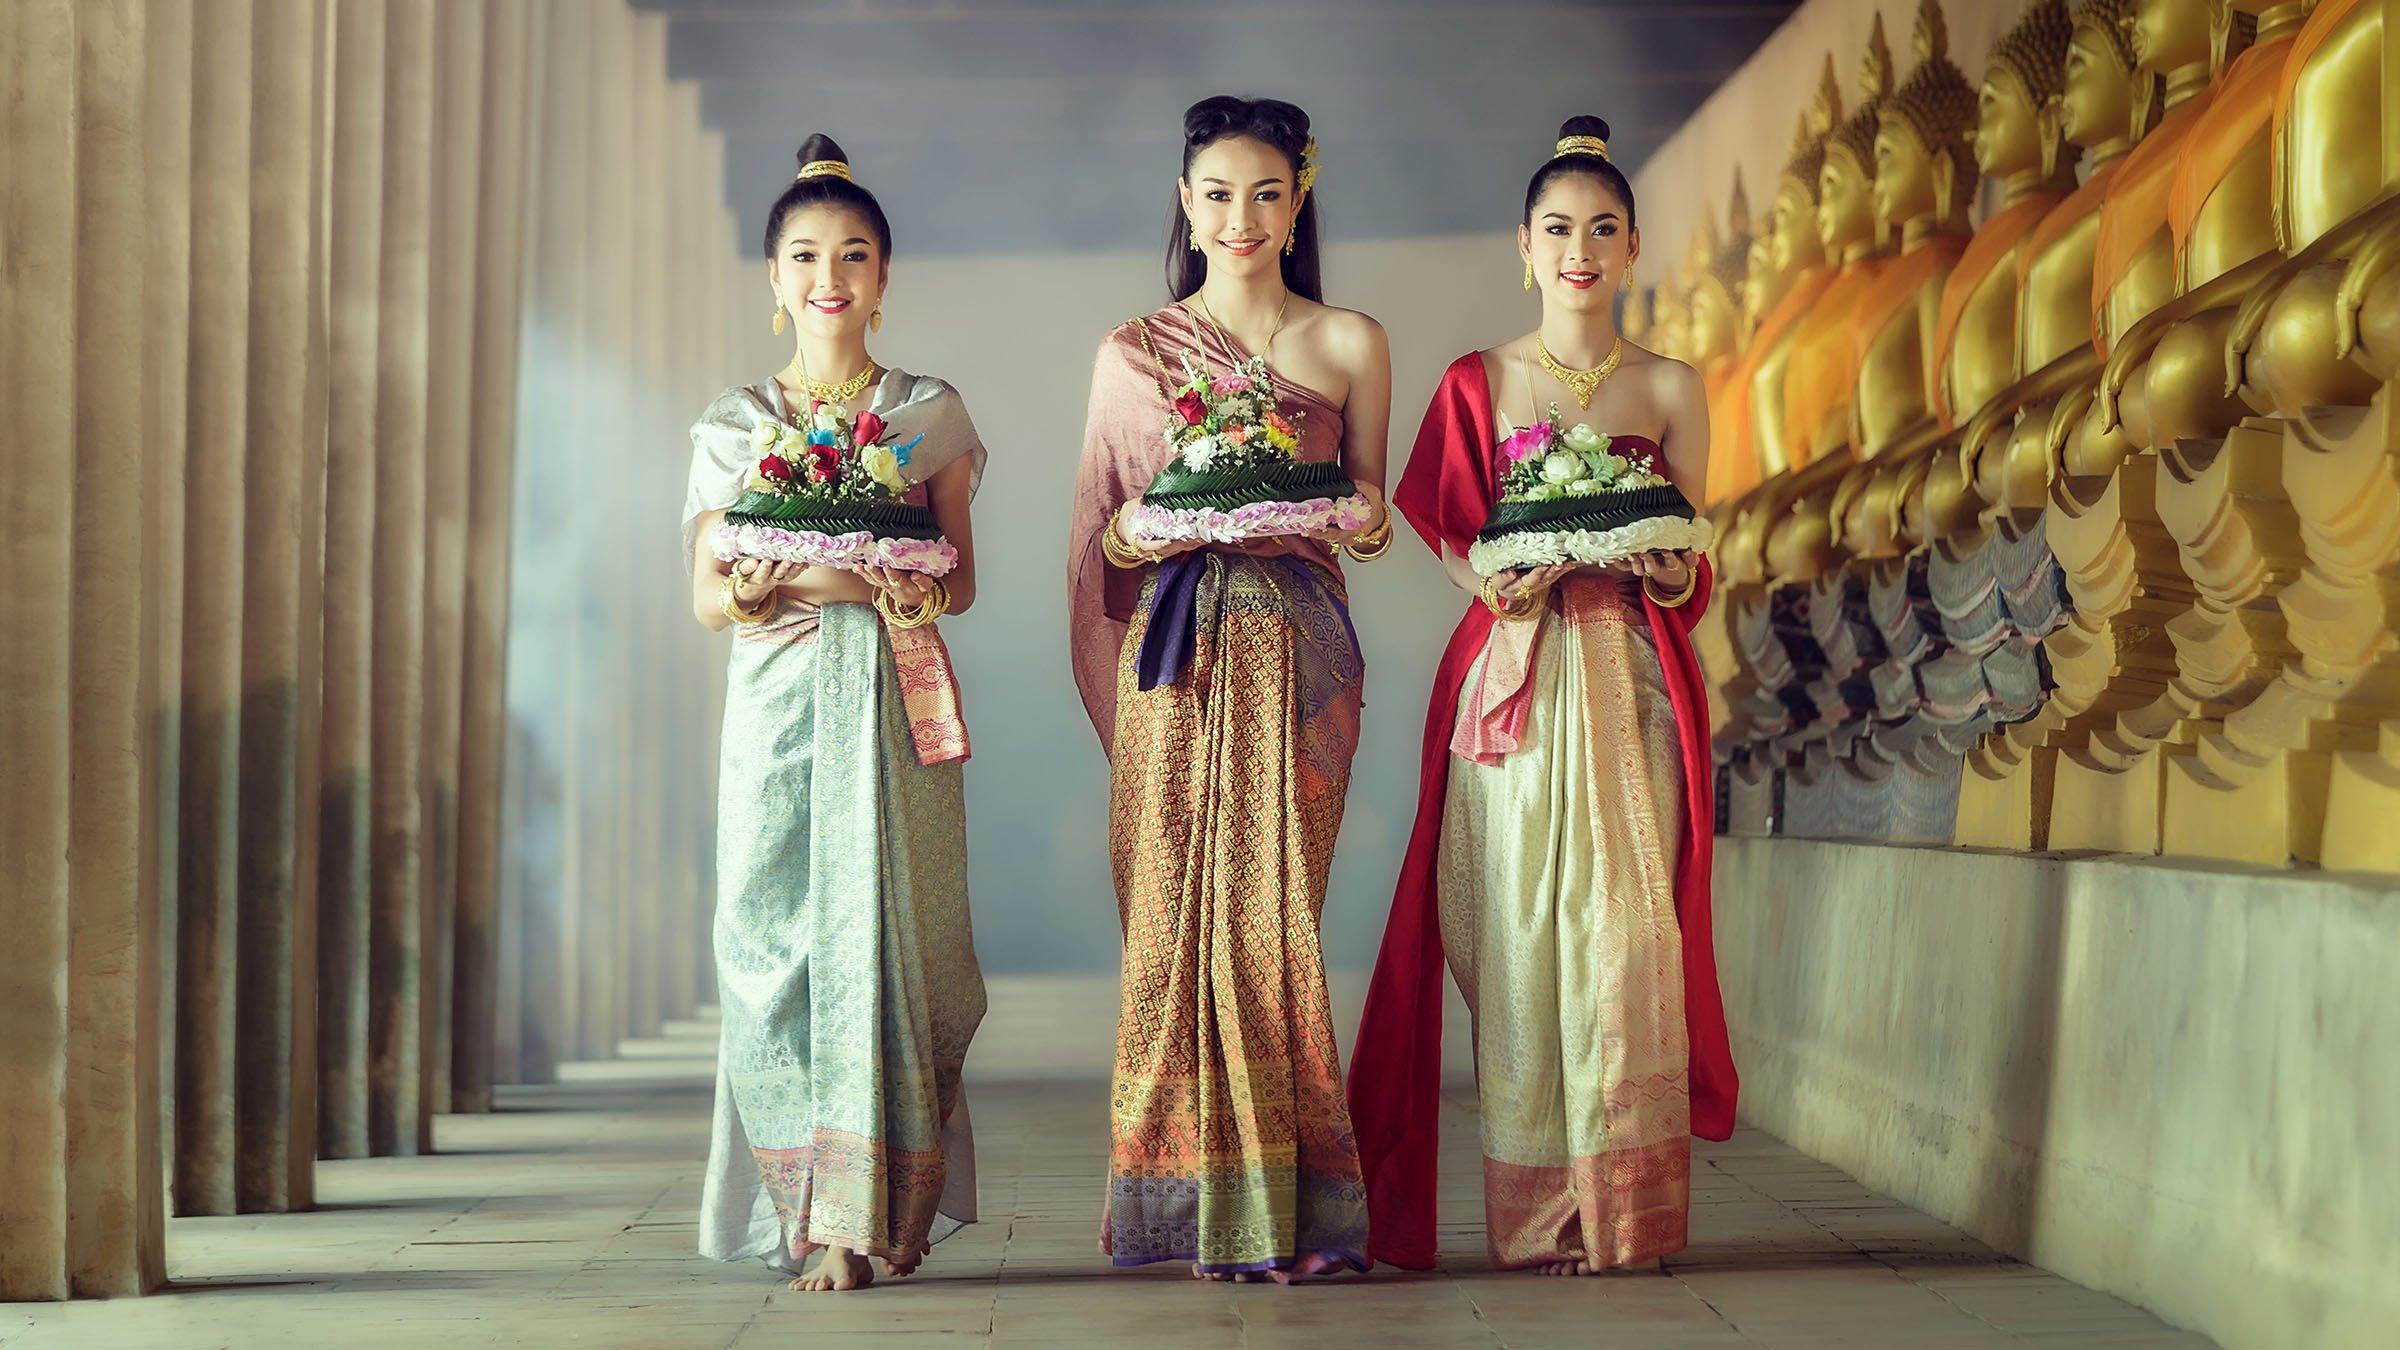 Imágenes de los mejores trajes típicos del mundo